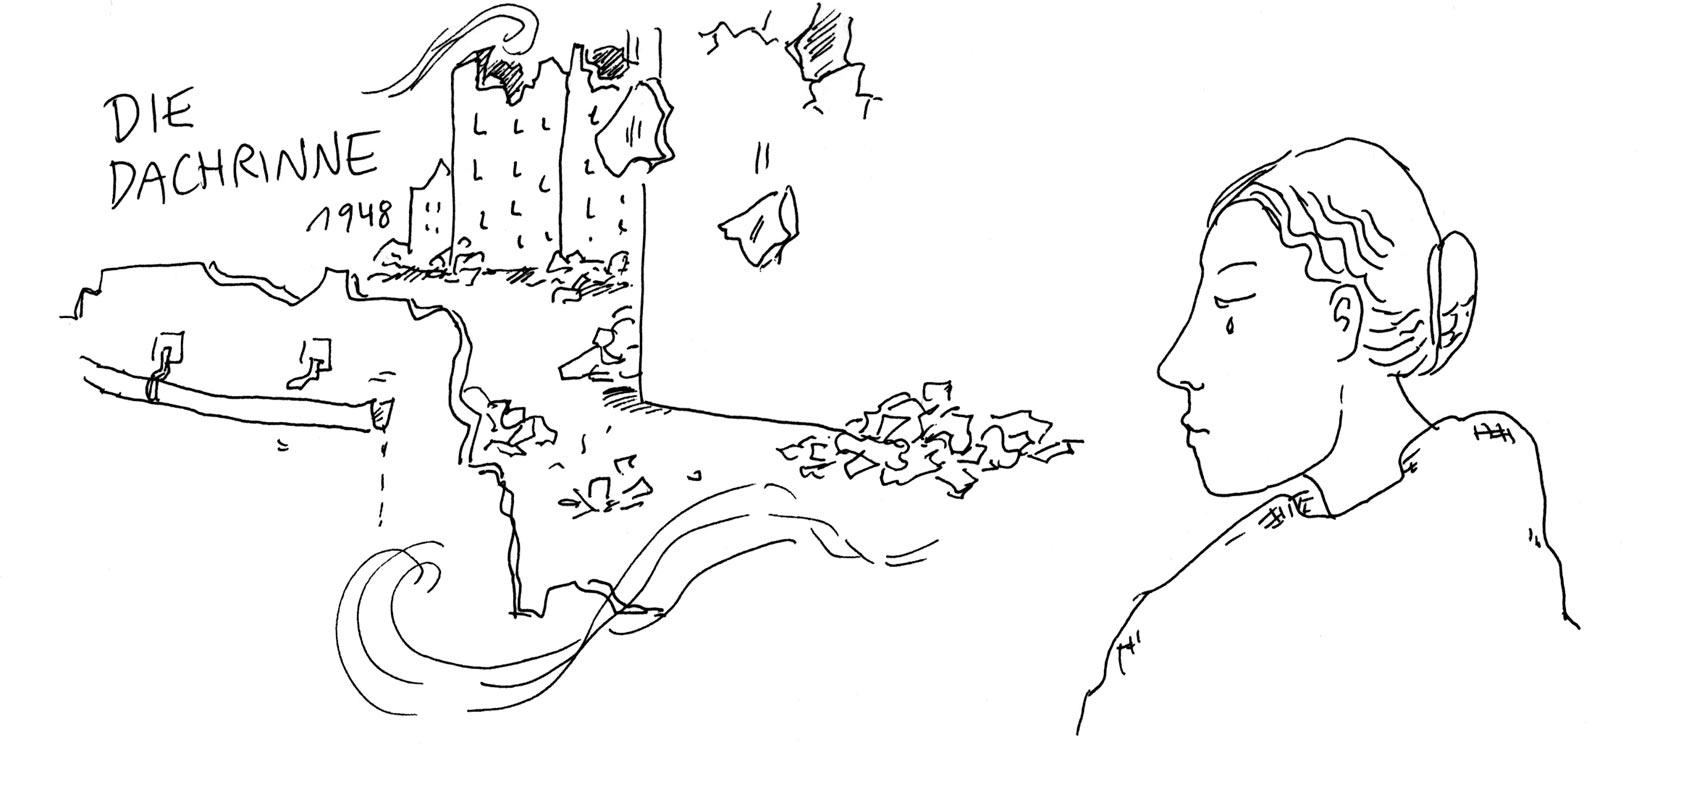 Günther Barton und Lars Stoermer lesen Böll im Atelier von Guido Kratz, Anja Weiss zeichnet 089